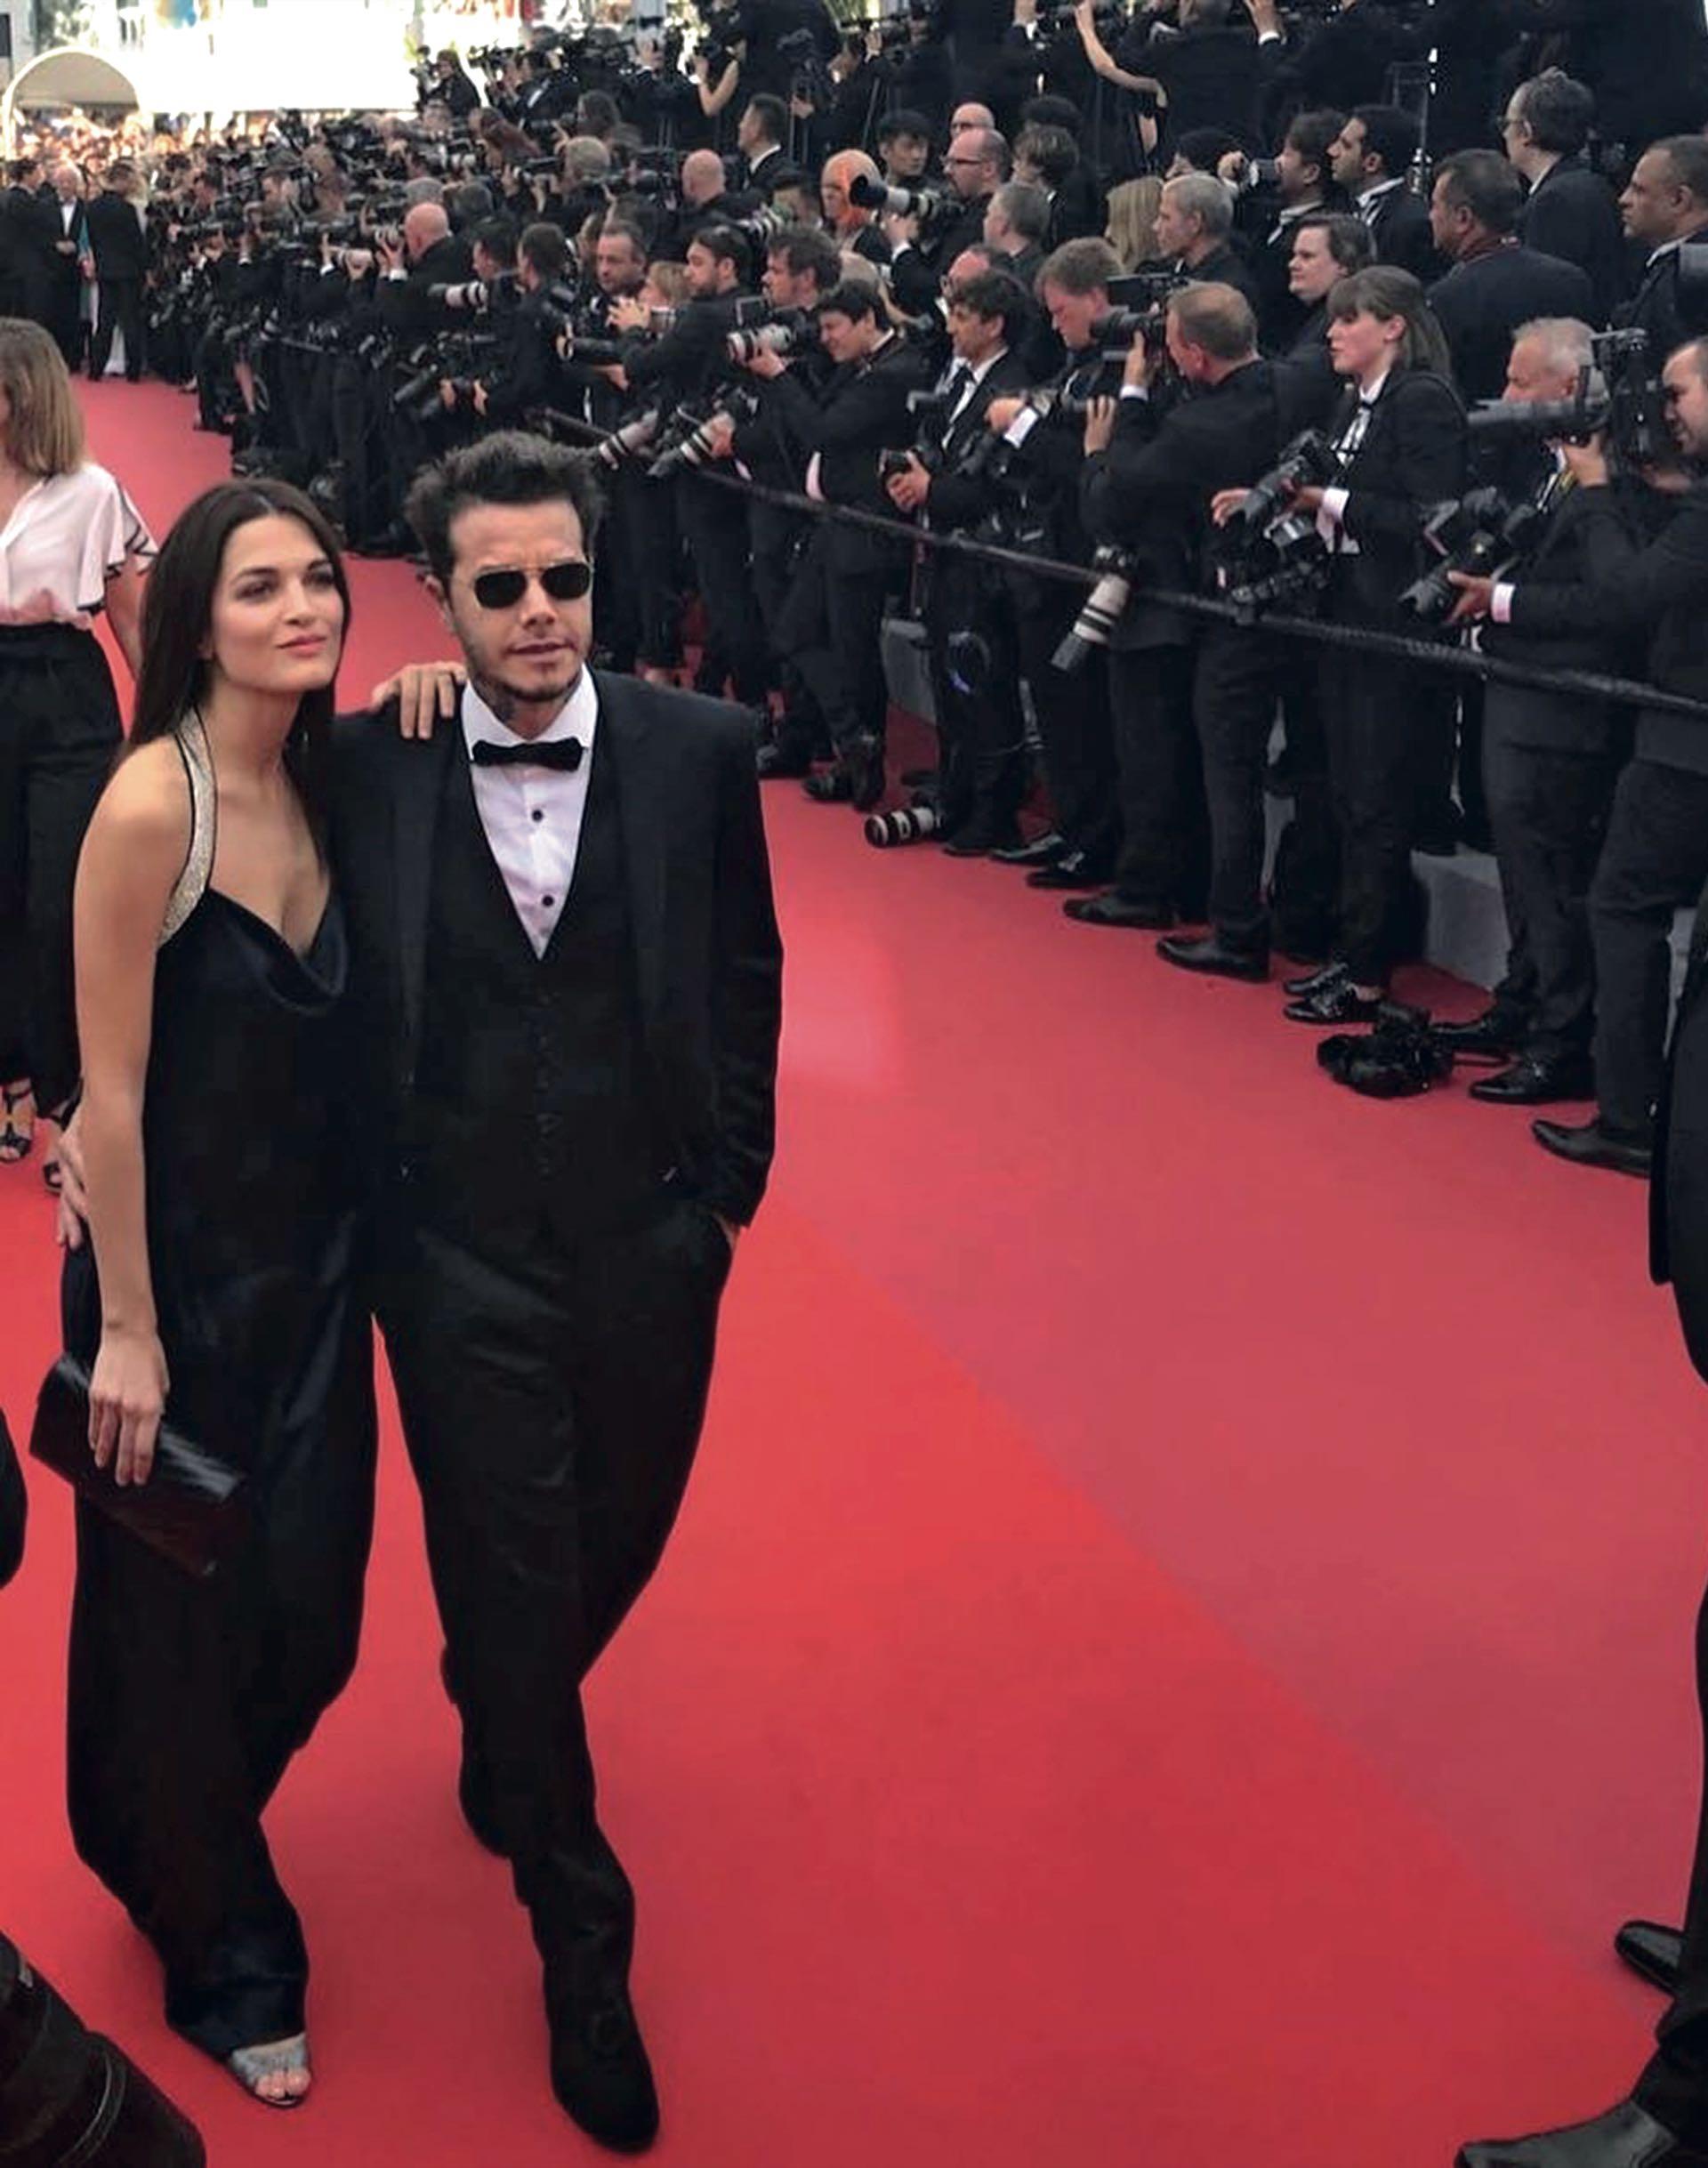 Sebastián –de smoking y zapatos– junto a su novia, la modelo y actriz Carla Moure, by Bomparola.